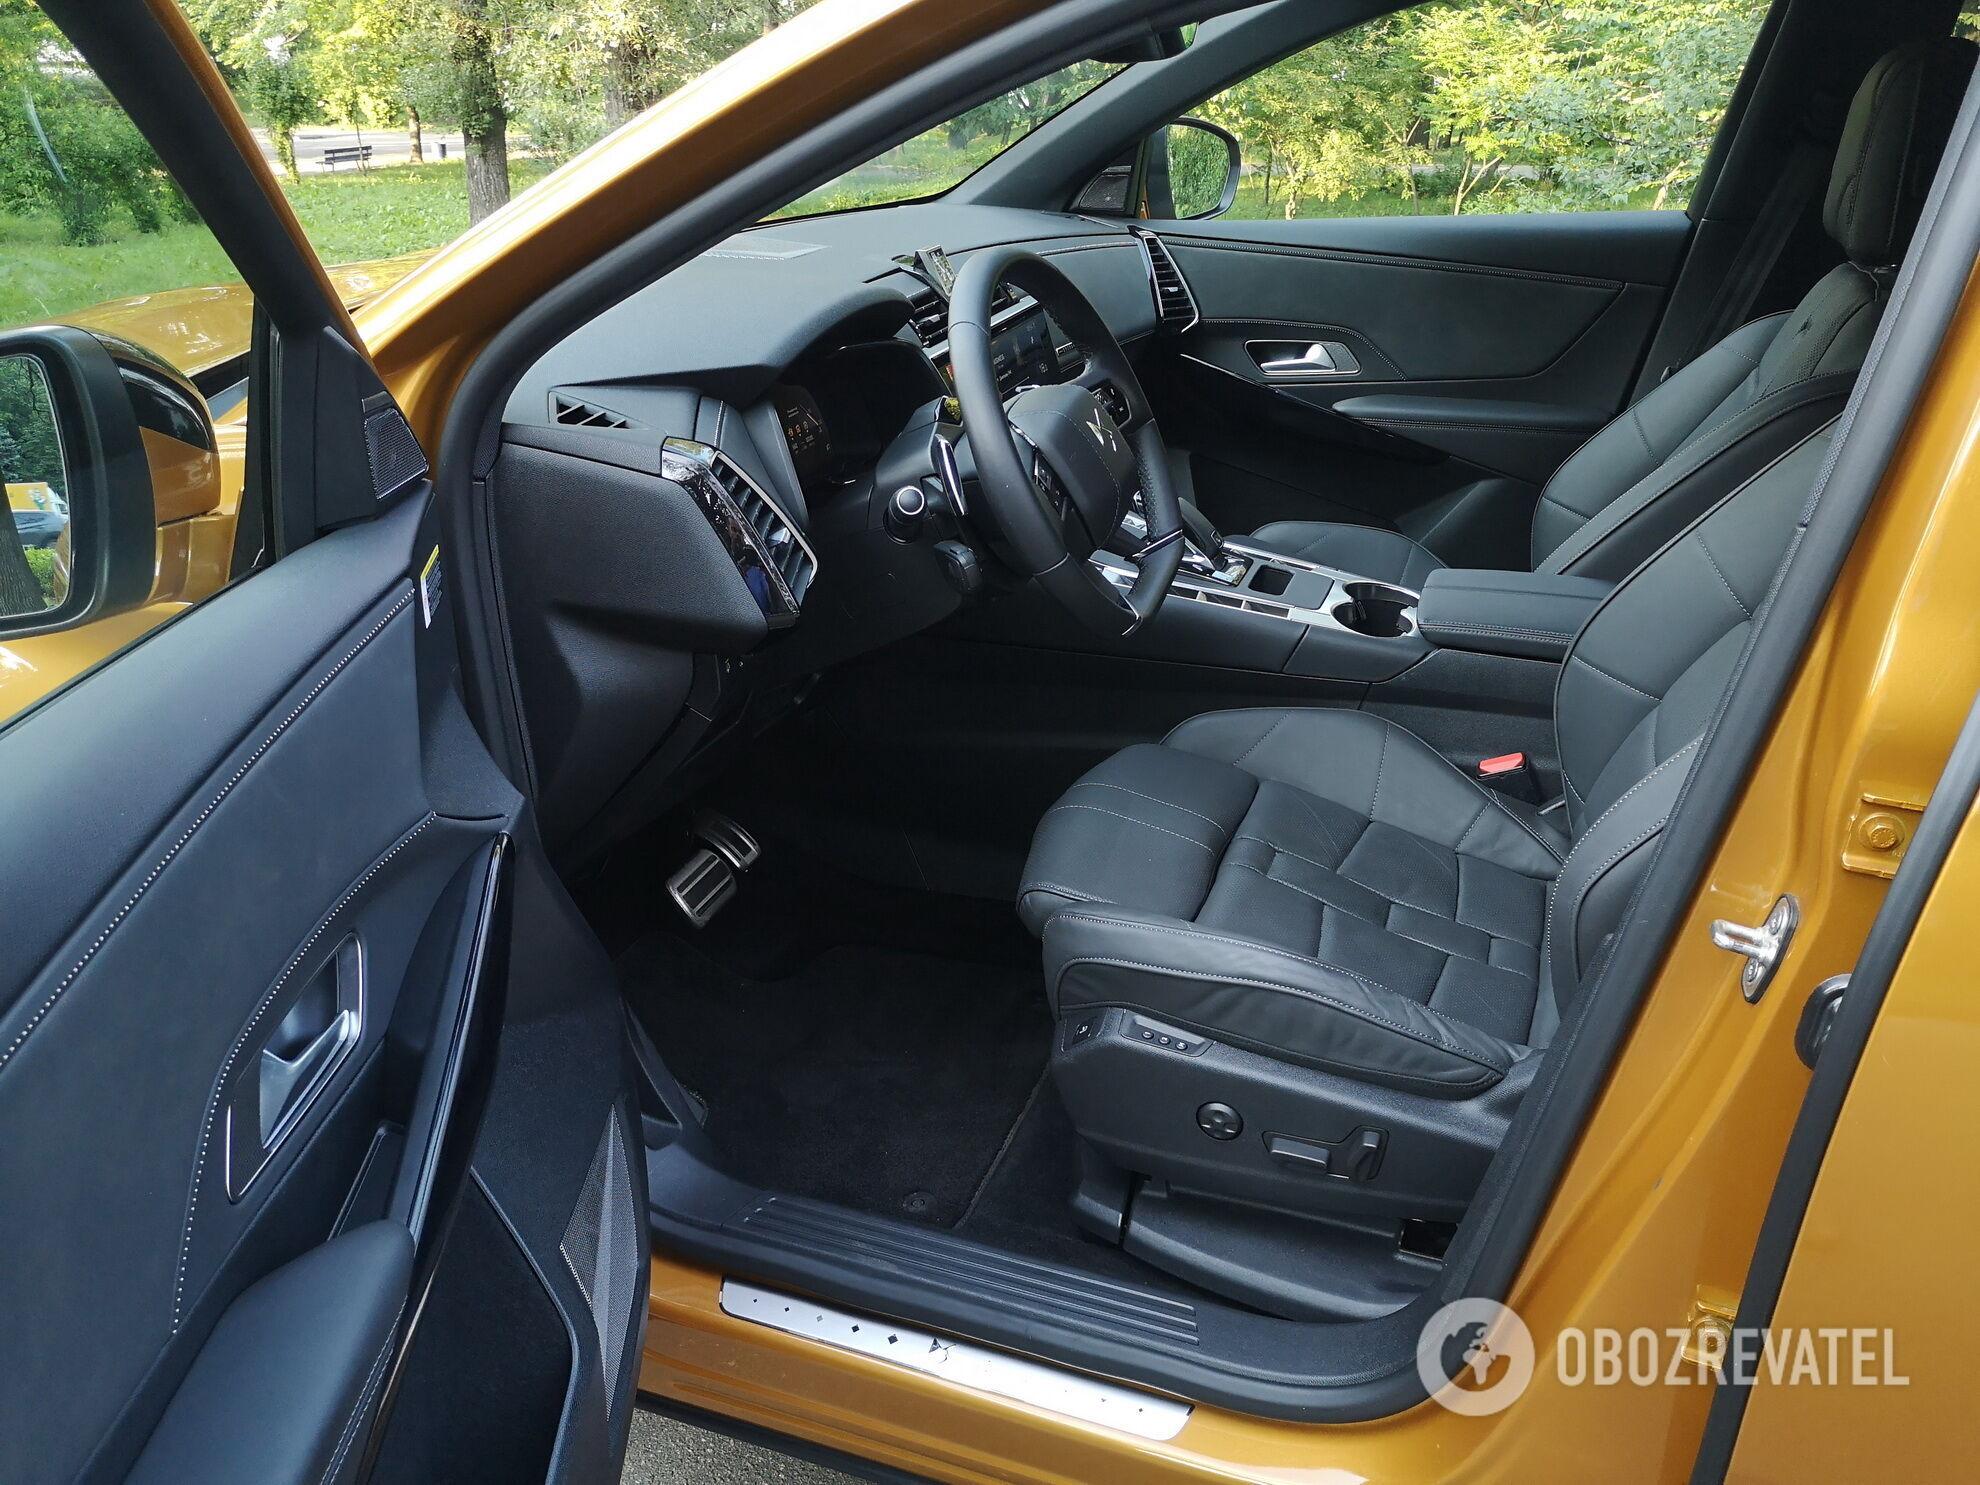 Водительское и пассажирское кресла у DS 7 Crossback не только снабжены всевозможными регулировками, но и имеют функцию массажа